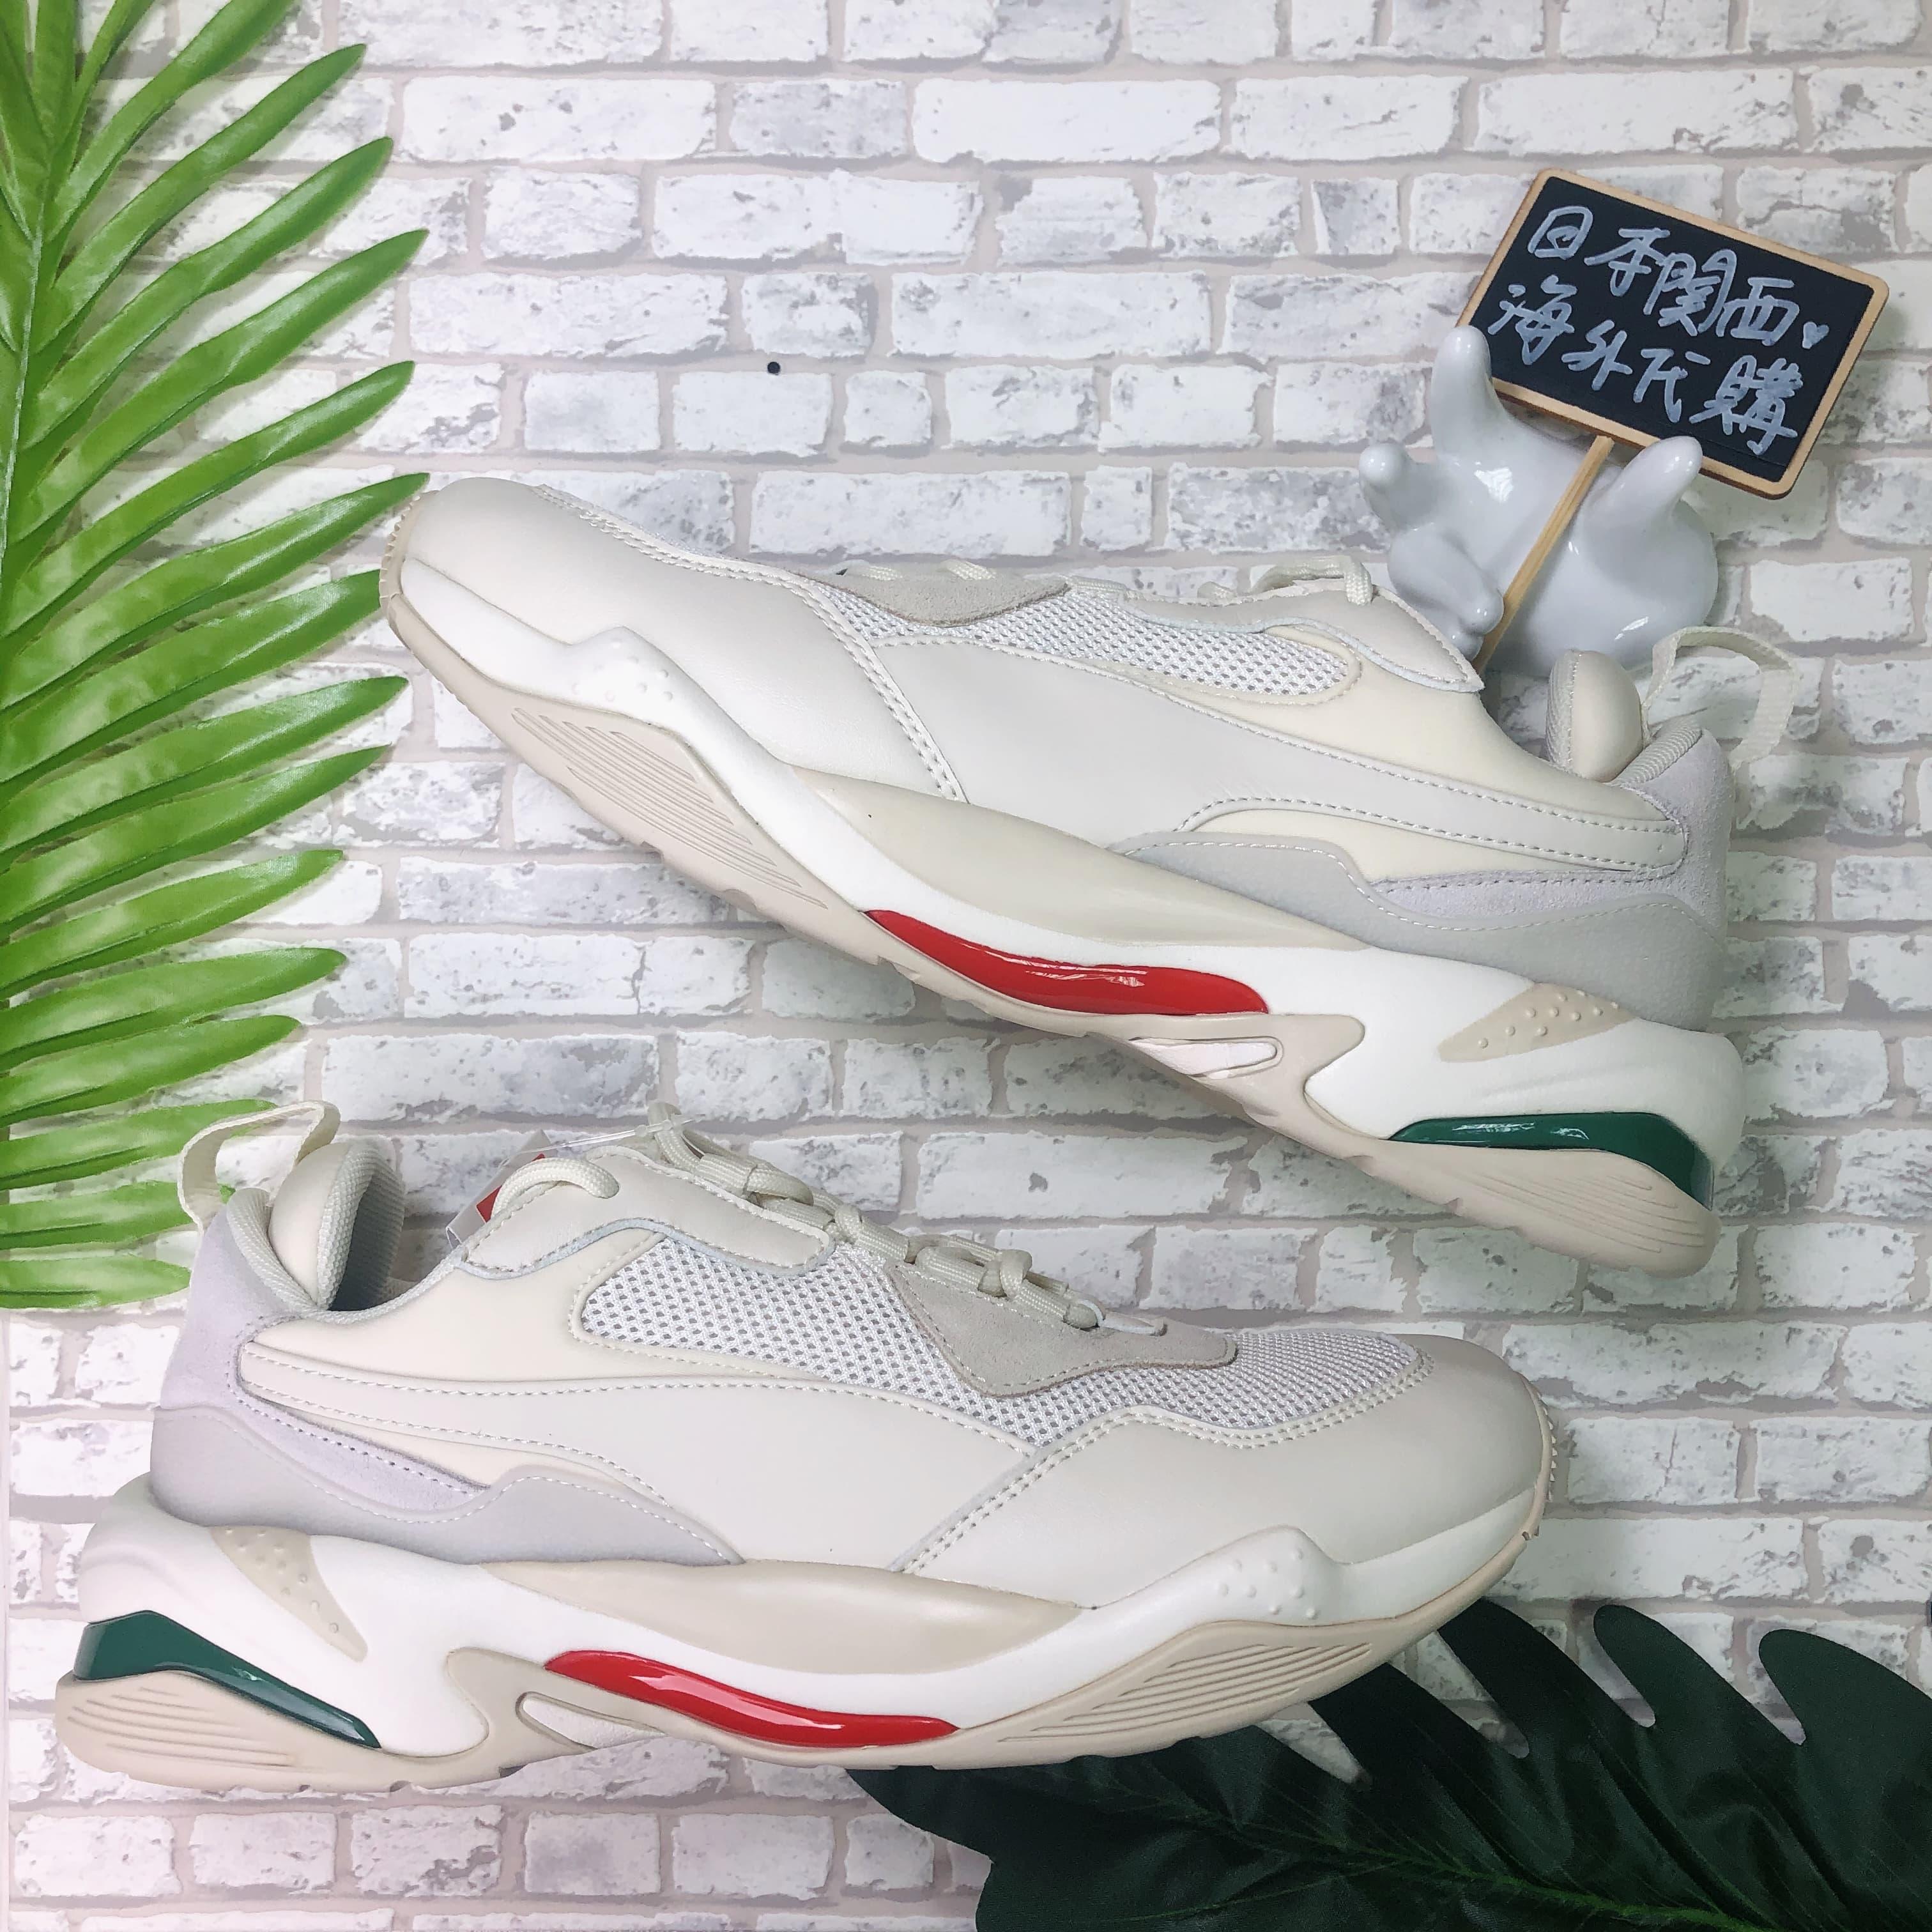 【日本海外代購】Puma Thunder Spectra 白 米白 紅綠 復古 厚底 老爹鞋 泫雅 男女 367516-12